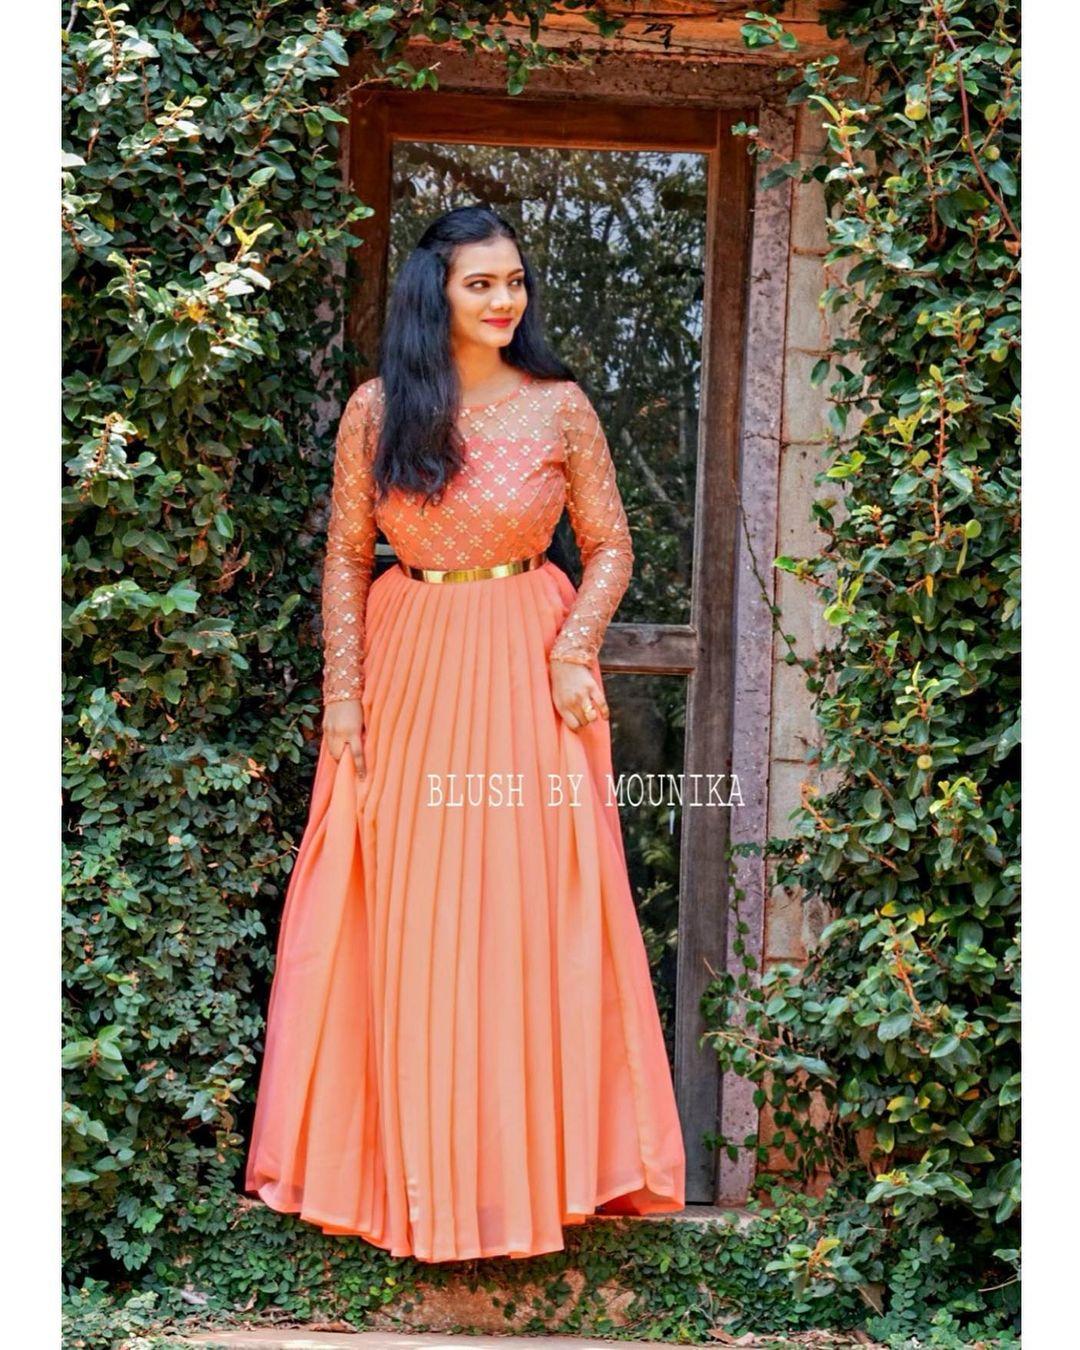 Tropical peach pleated floor length dress with waist belt. 2021-04-06